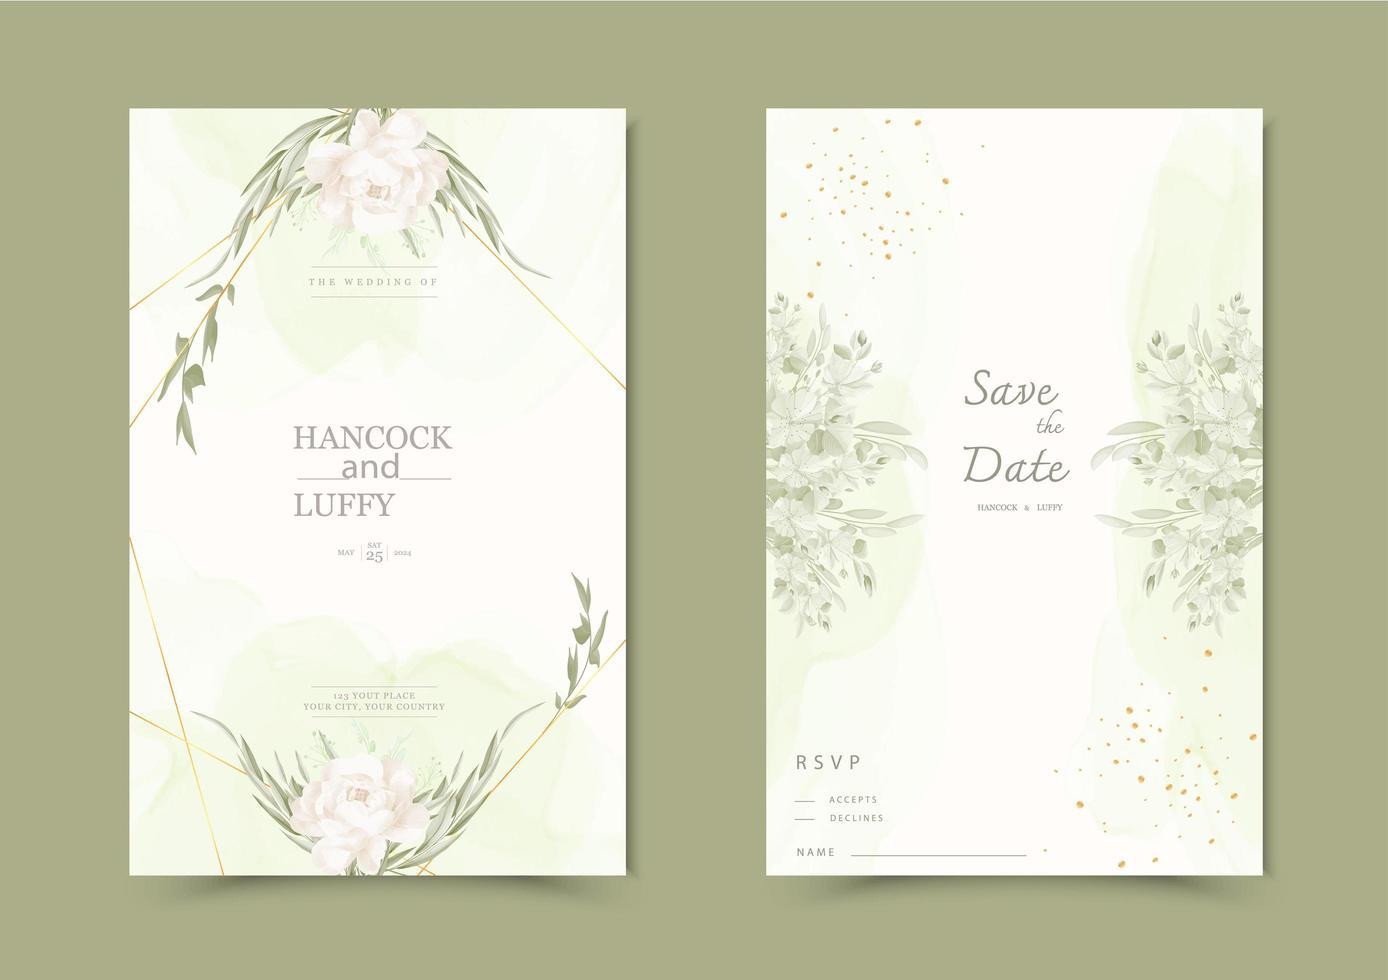 blommig bröllop inbjudningskort. vektor